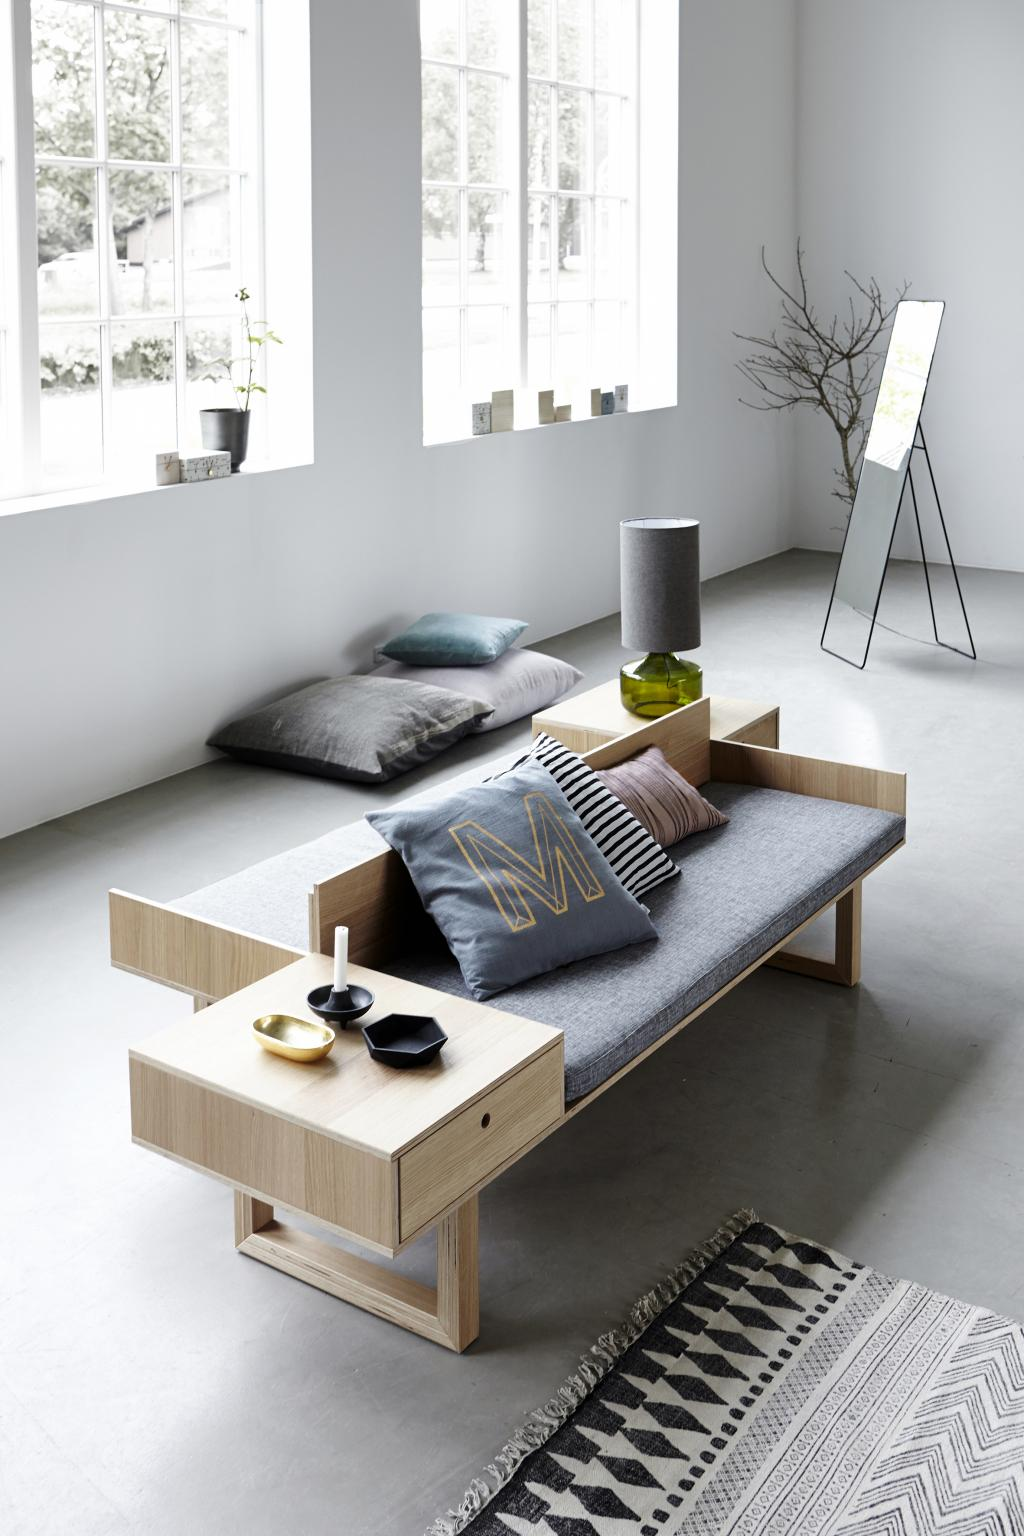 teppich block grau schwarz 90x200 baumwolle house doctor kaufen. Black Bedroom Furniture Sets. Home Design Ideas